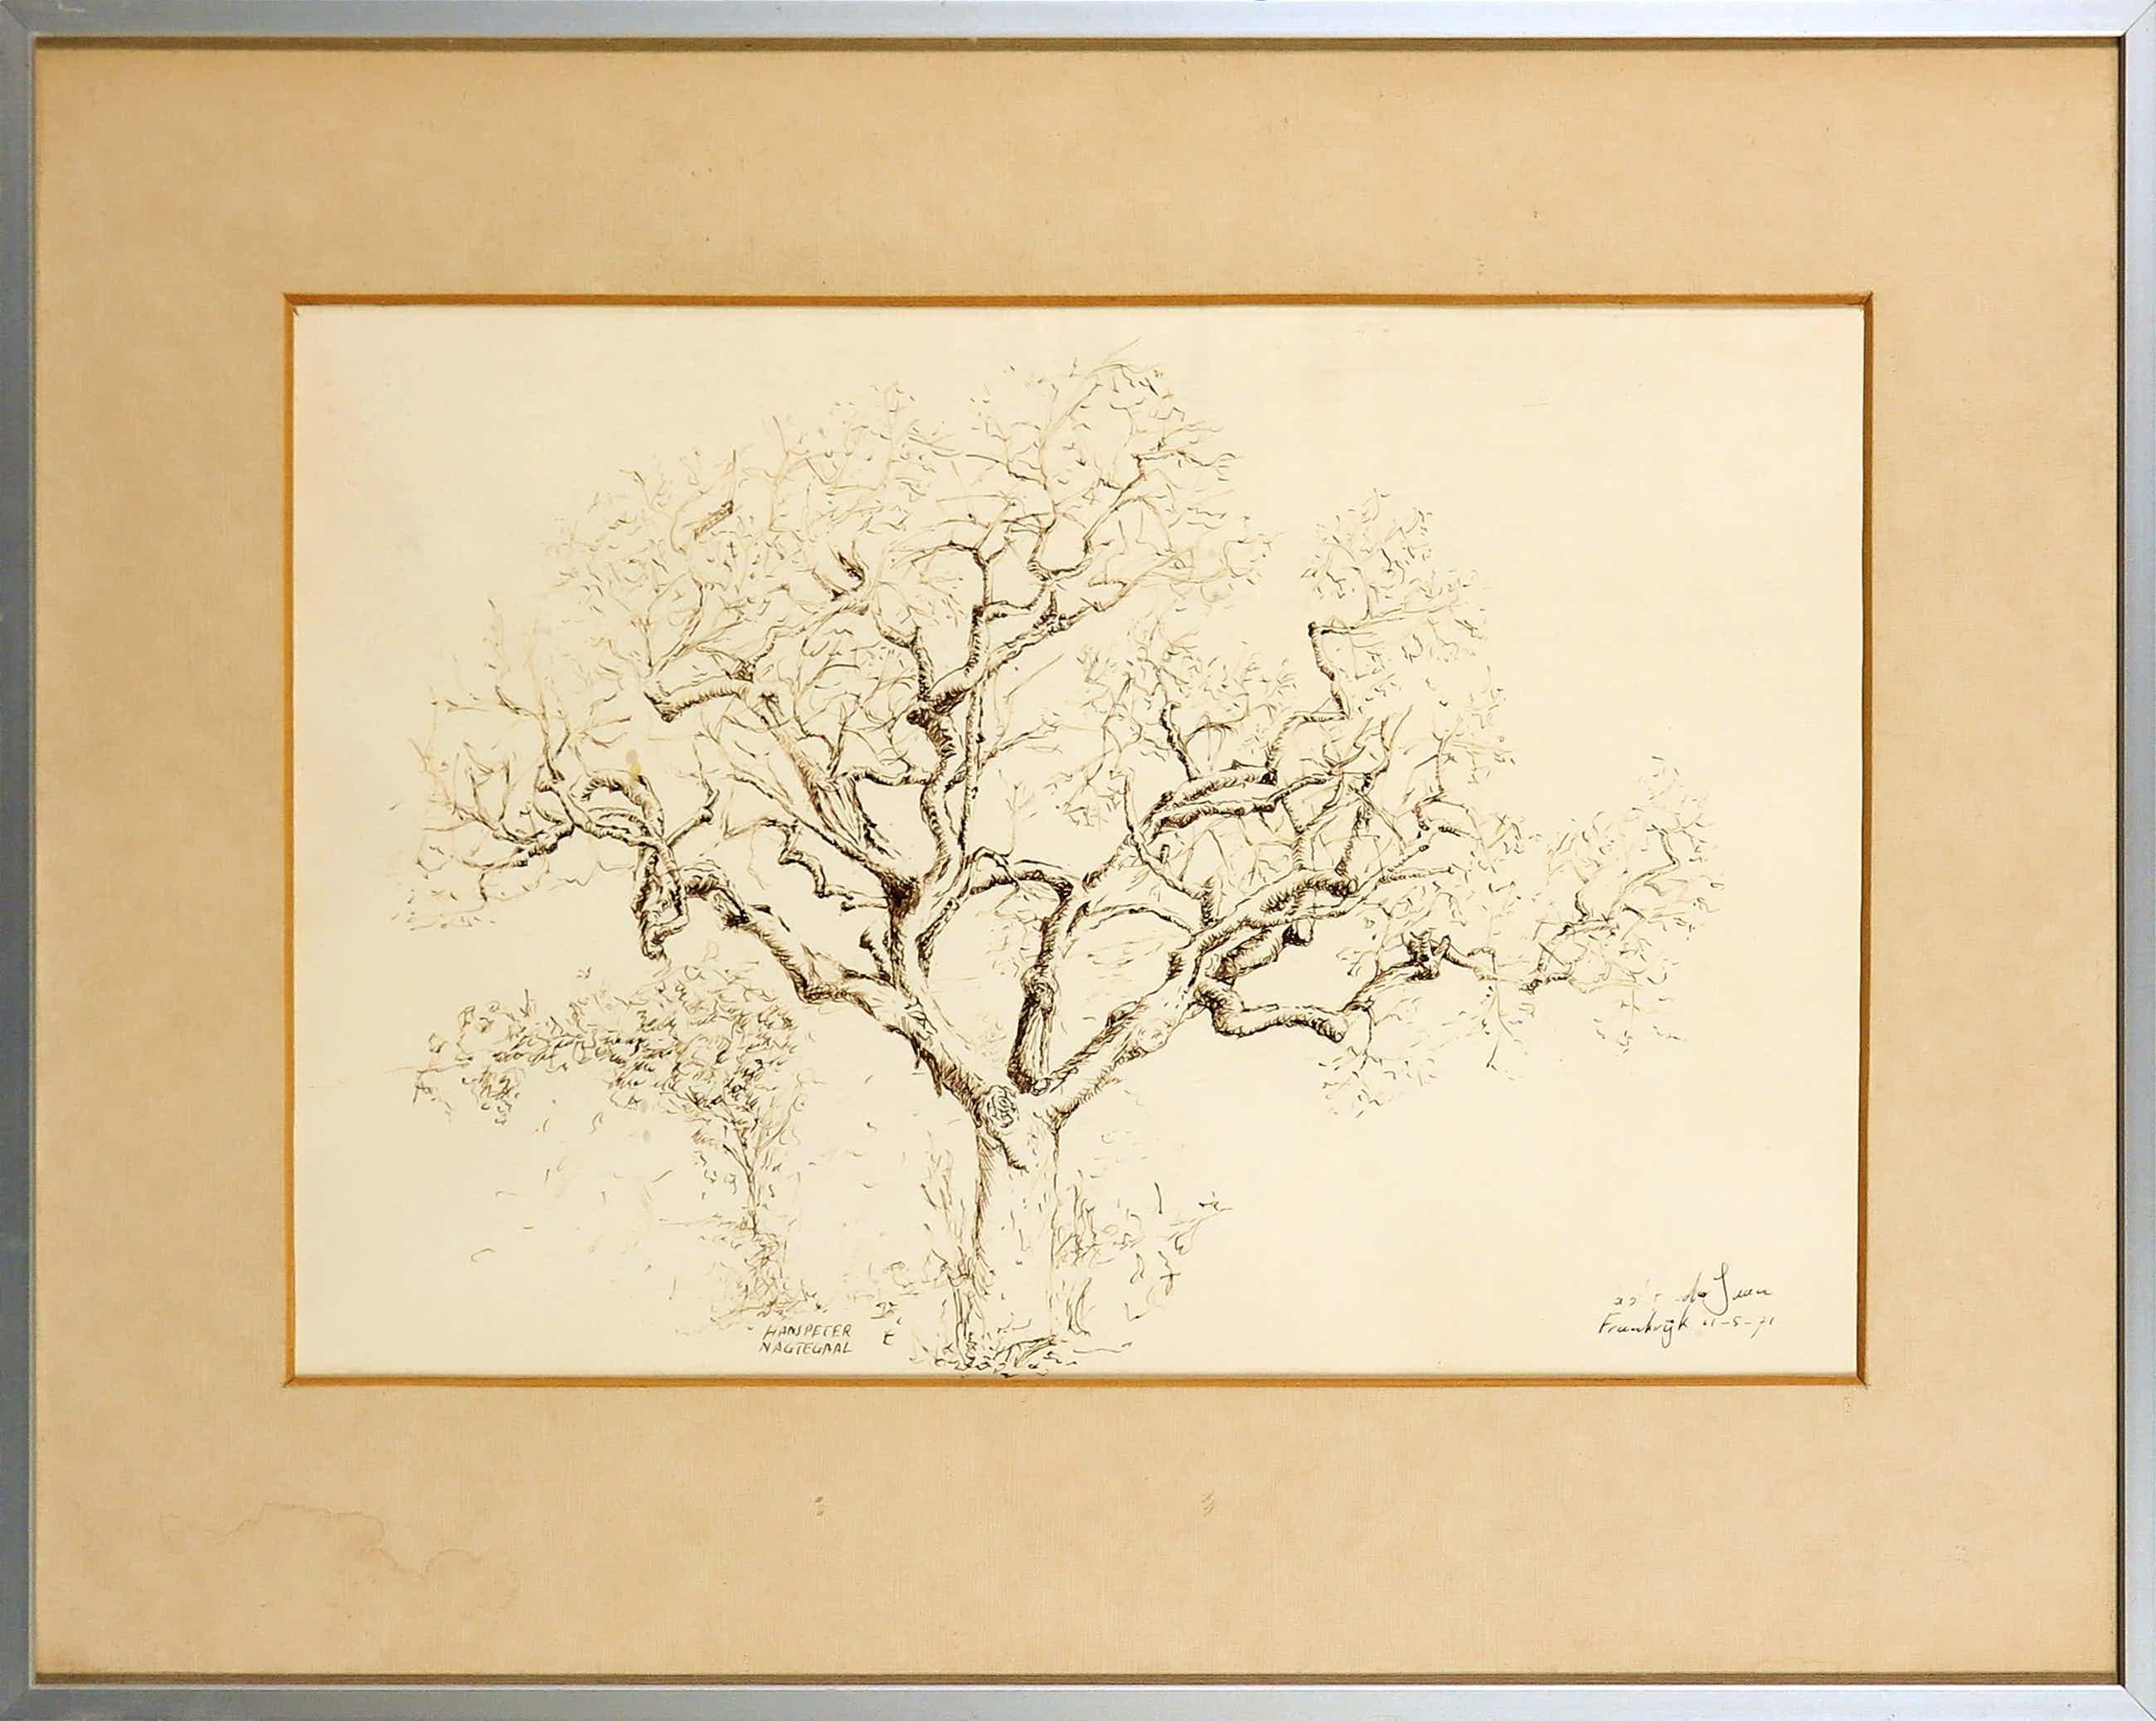 Hans Peter Nagtegaal - Sepia pentekening, Sinaasappelboom - Ingelijst kopen? Bied vanaf 180!